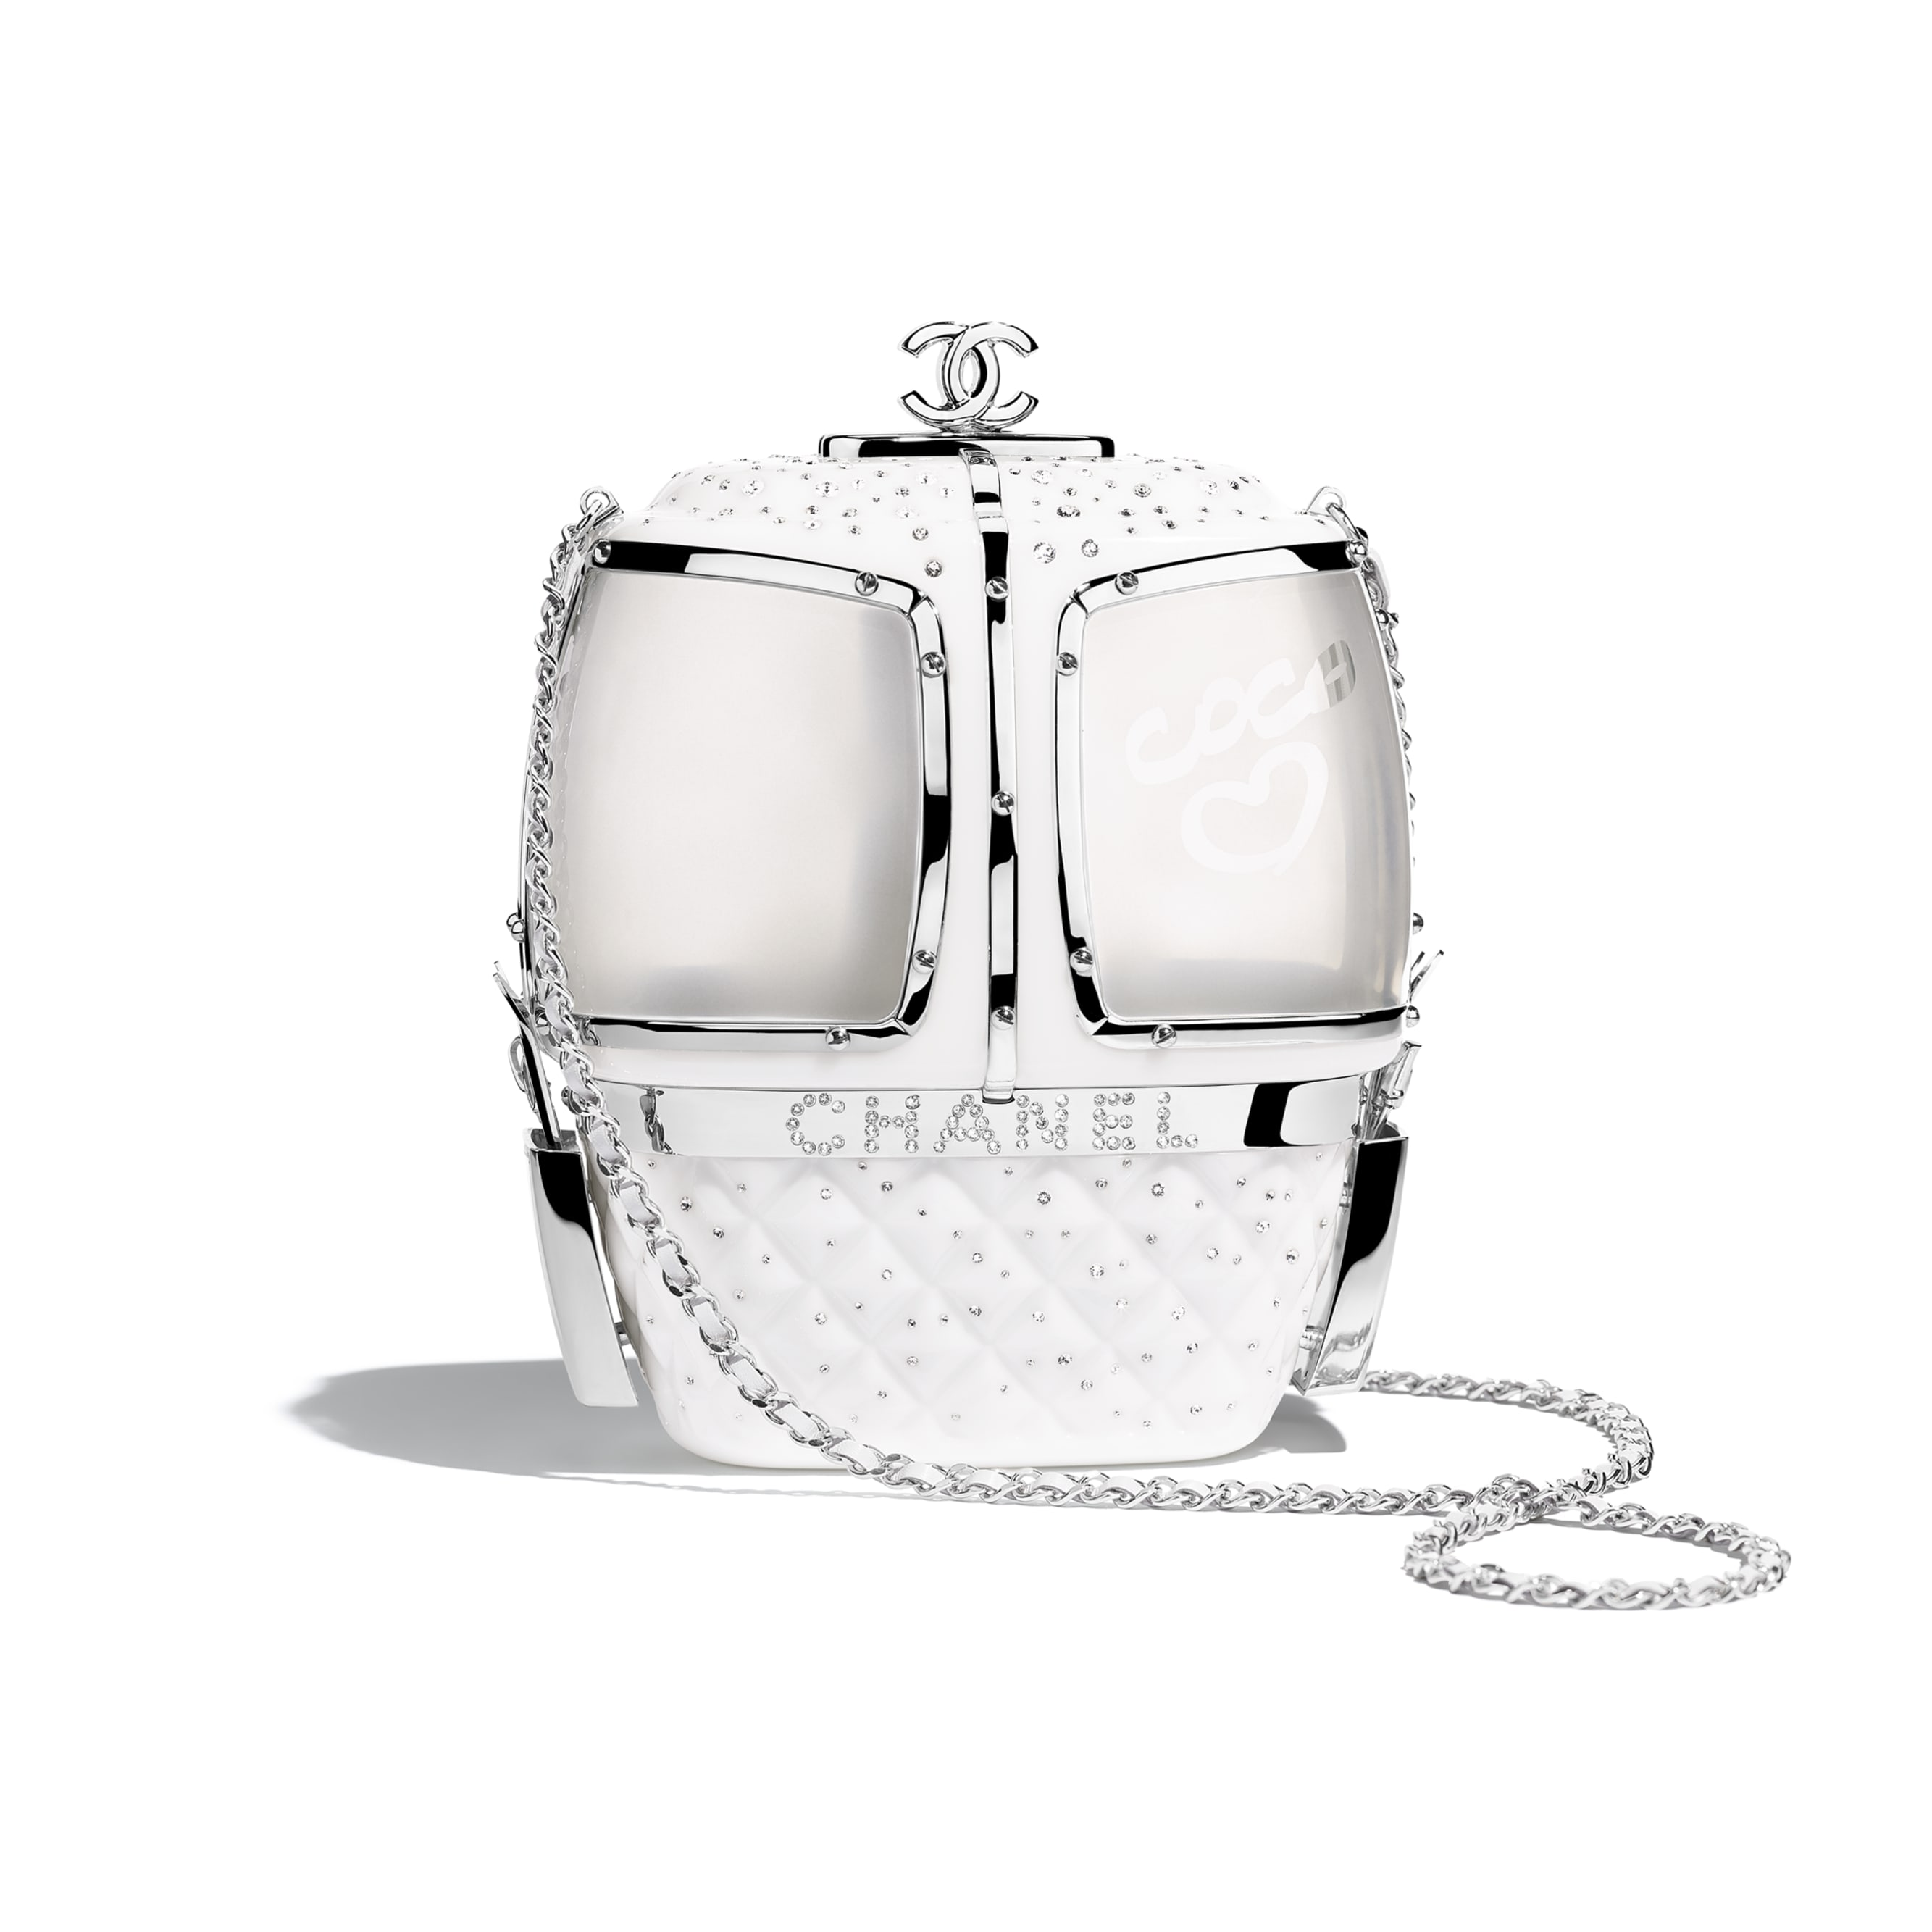 Вечерняя сумка - Белый - Смола, стразы и серебристый металл - Вид по умолчанию - посмотреть изображение стандартного размера